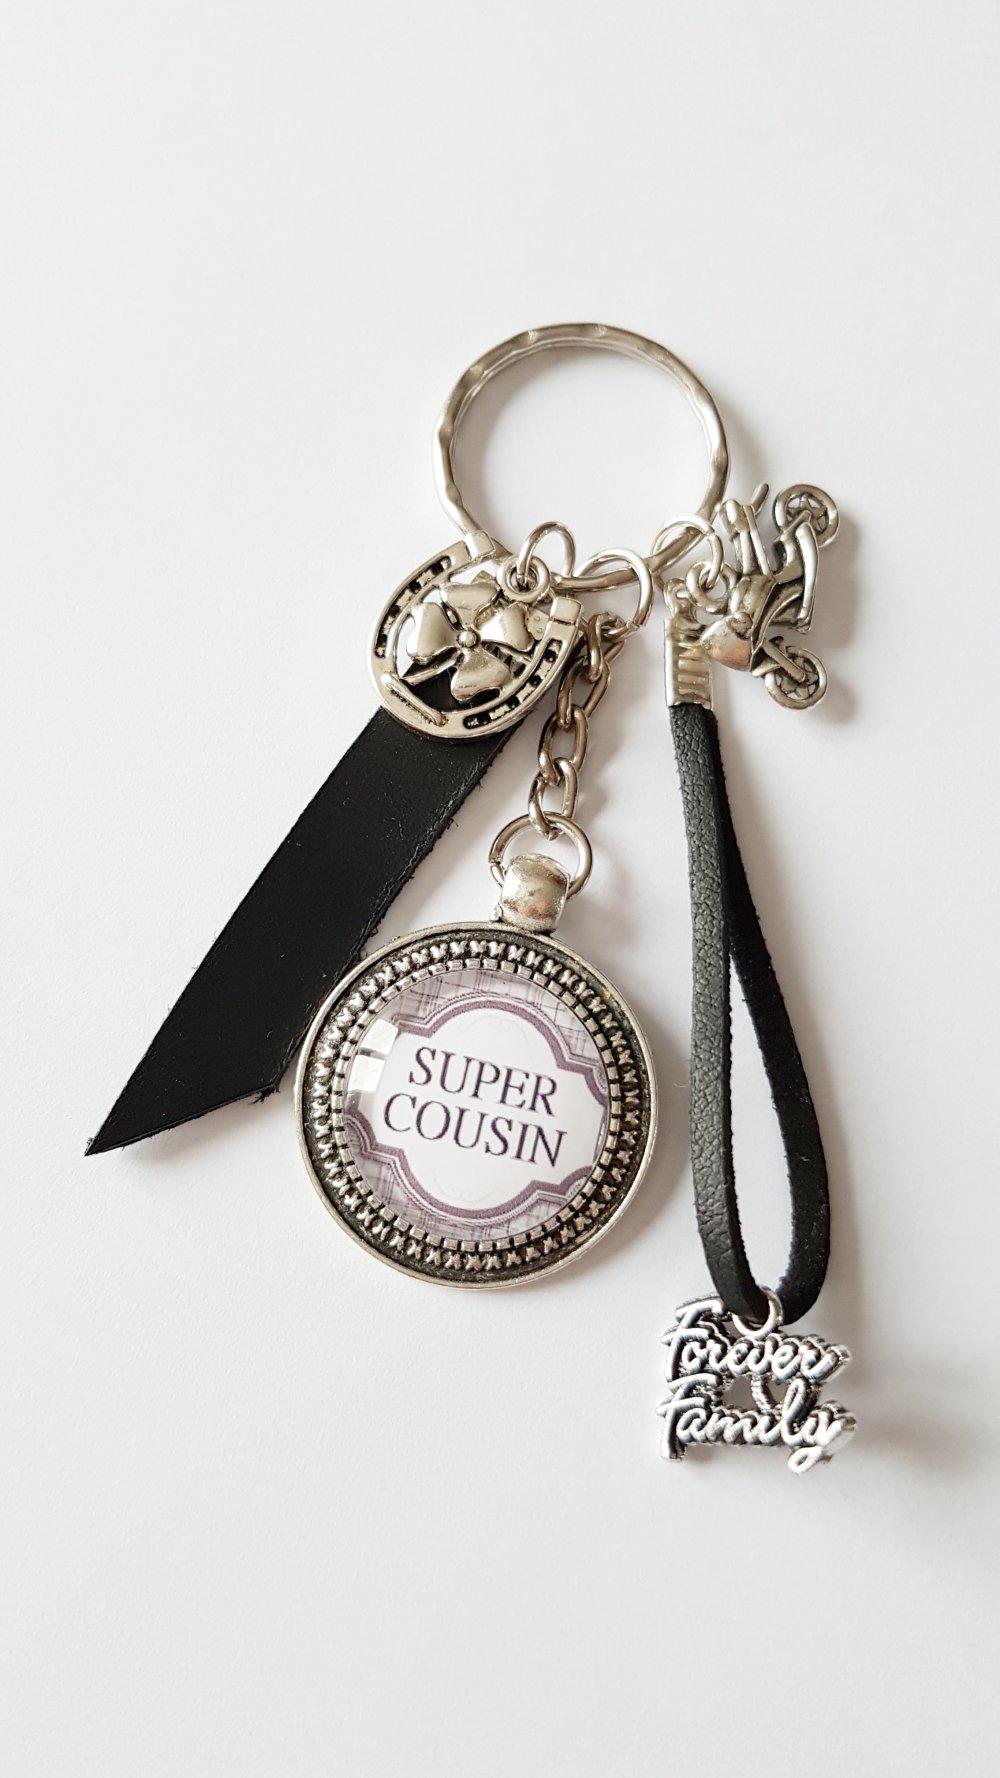 Porte-clef SUPER COUSIN moto/  Idée cadeau noël fête anniversaire